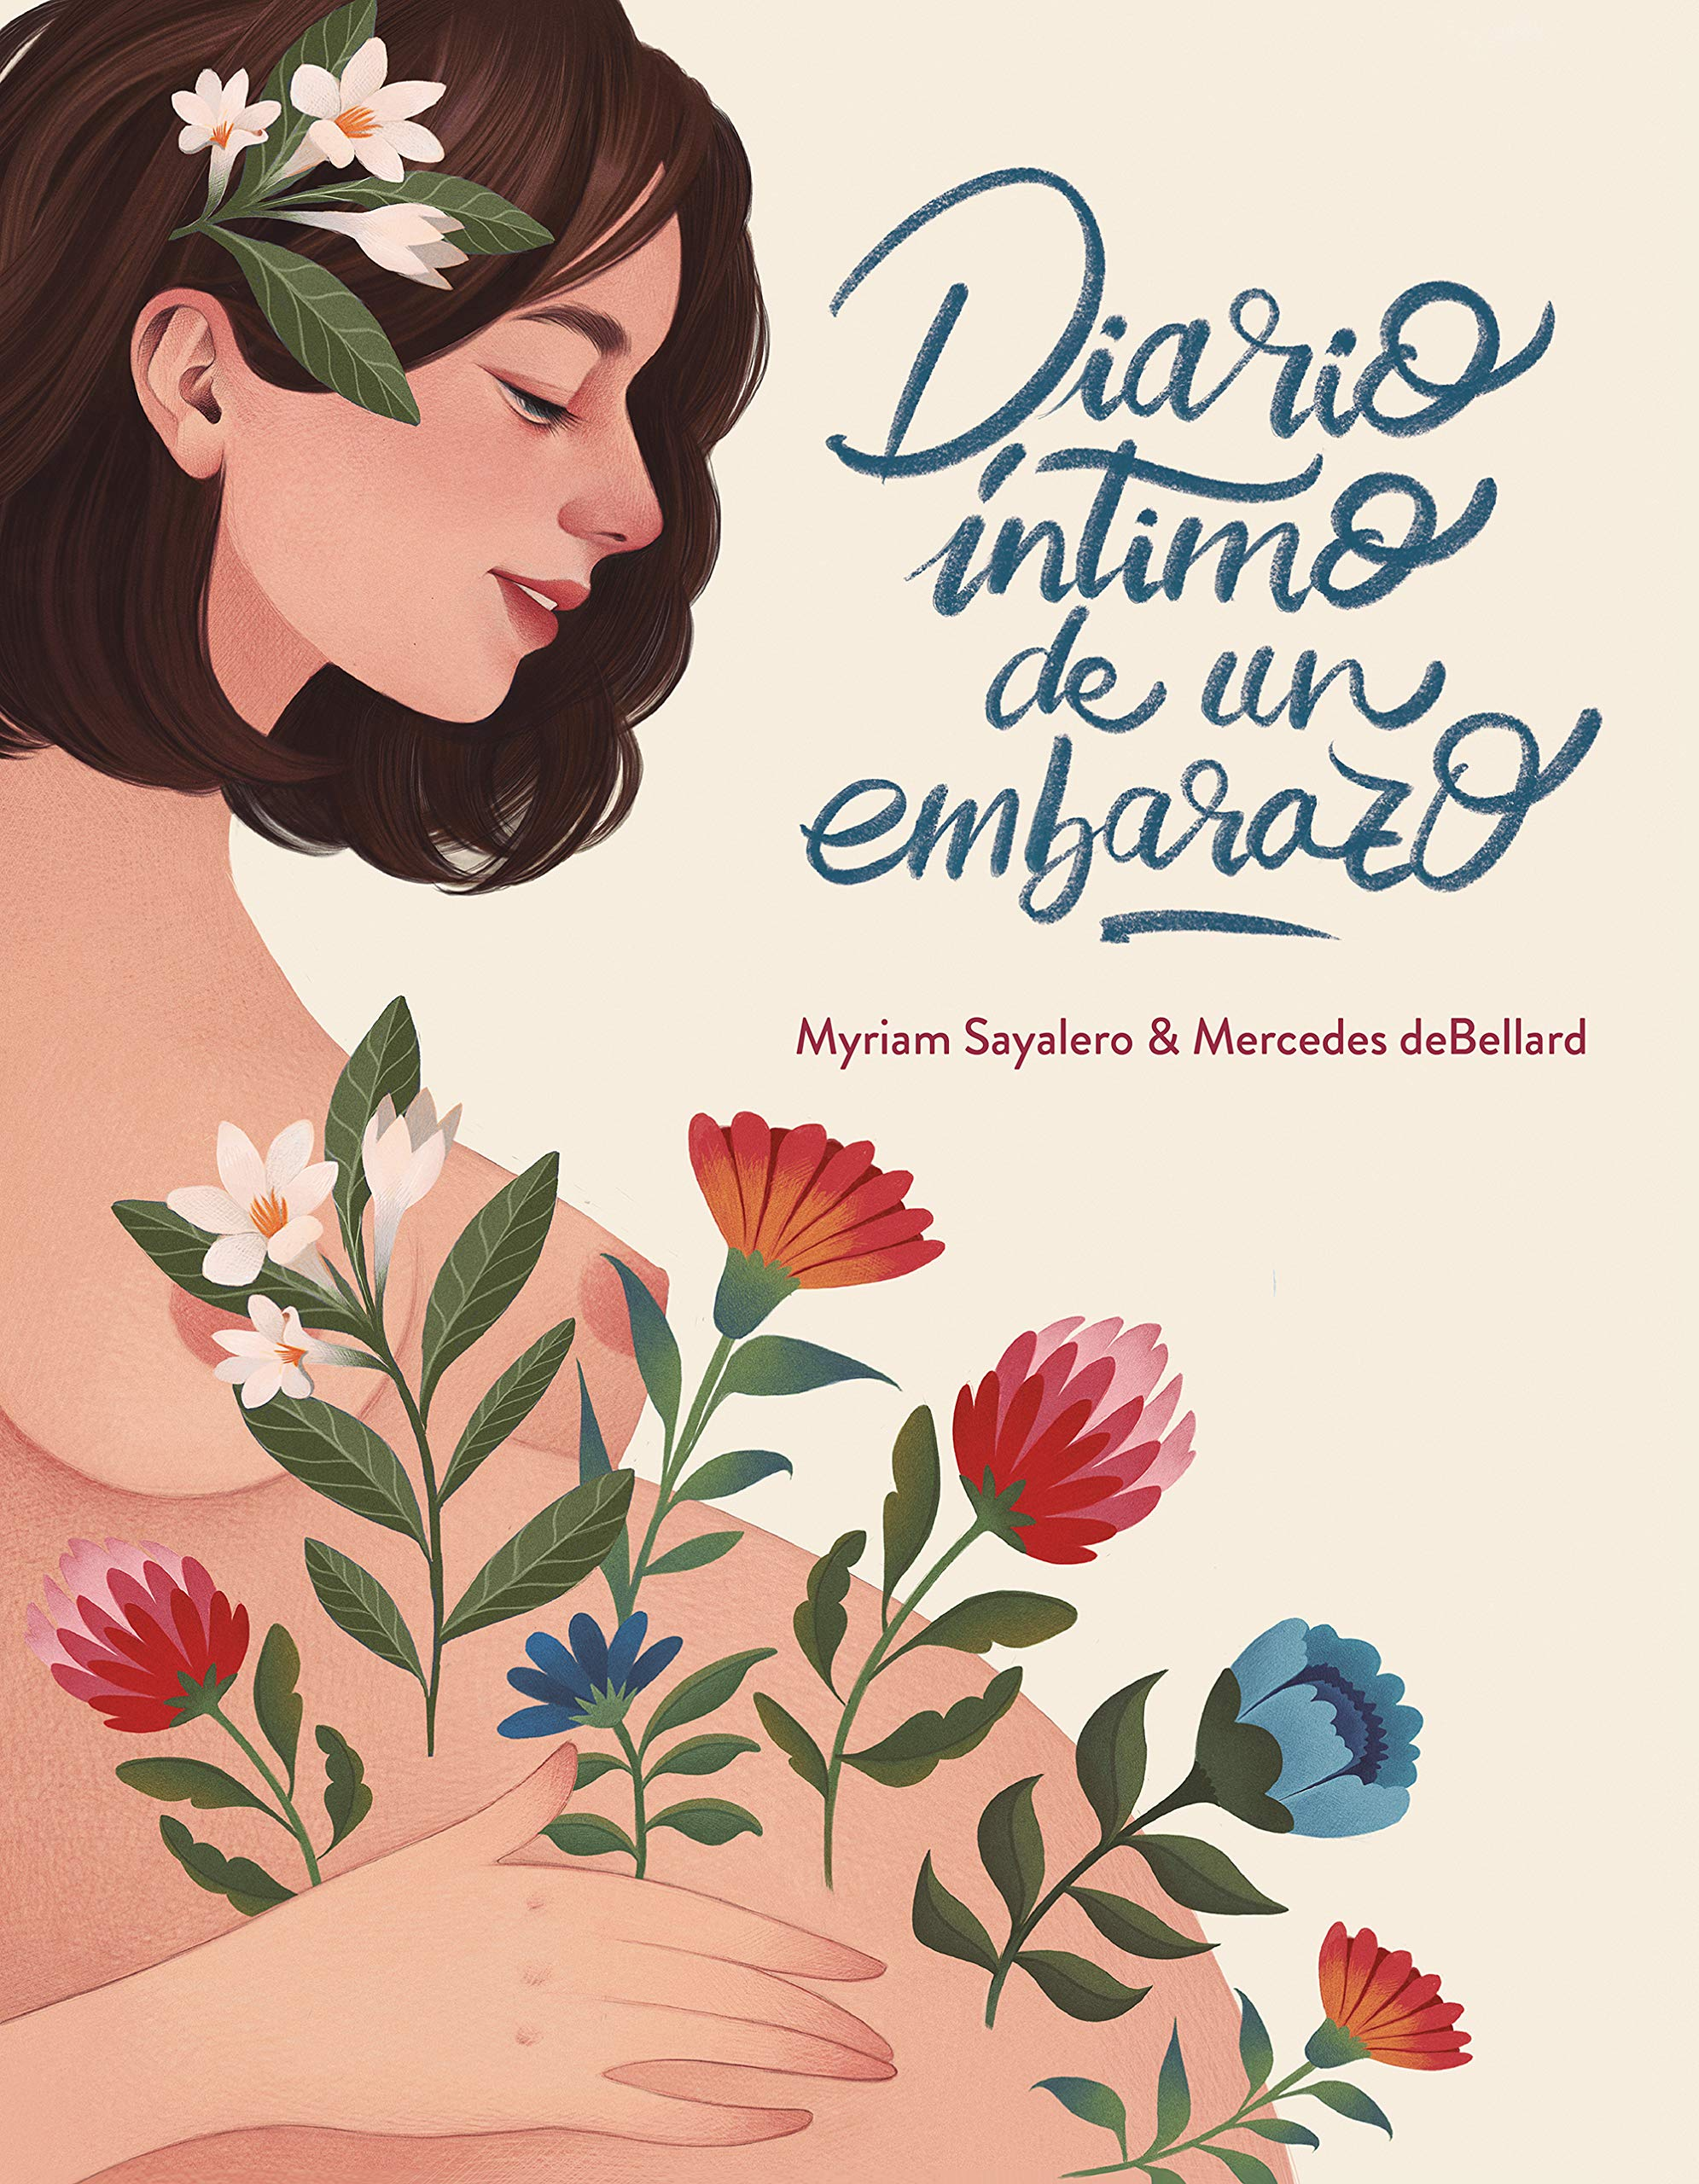 Diario íntimo de un embarazo de Myriam Sayaleroy Mercedes DeBellard